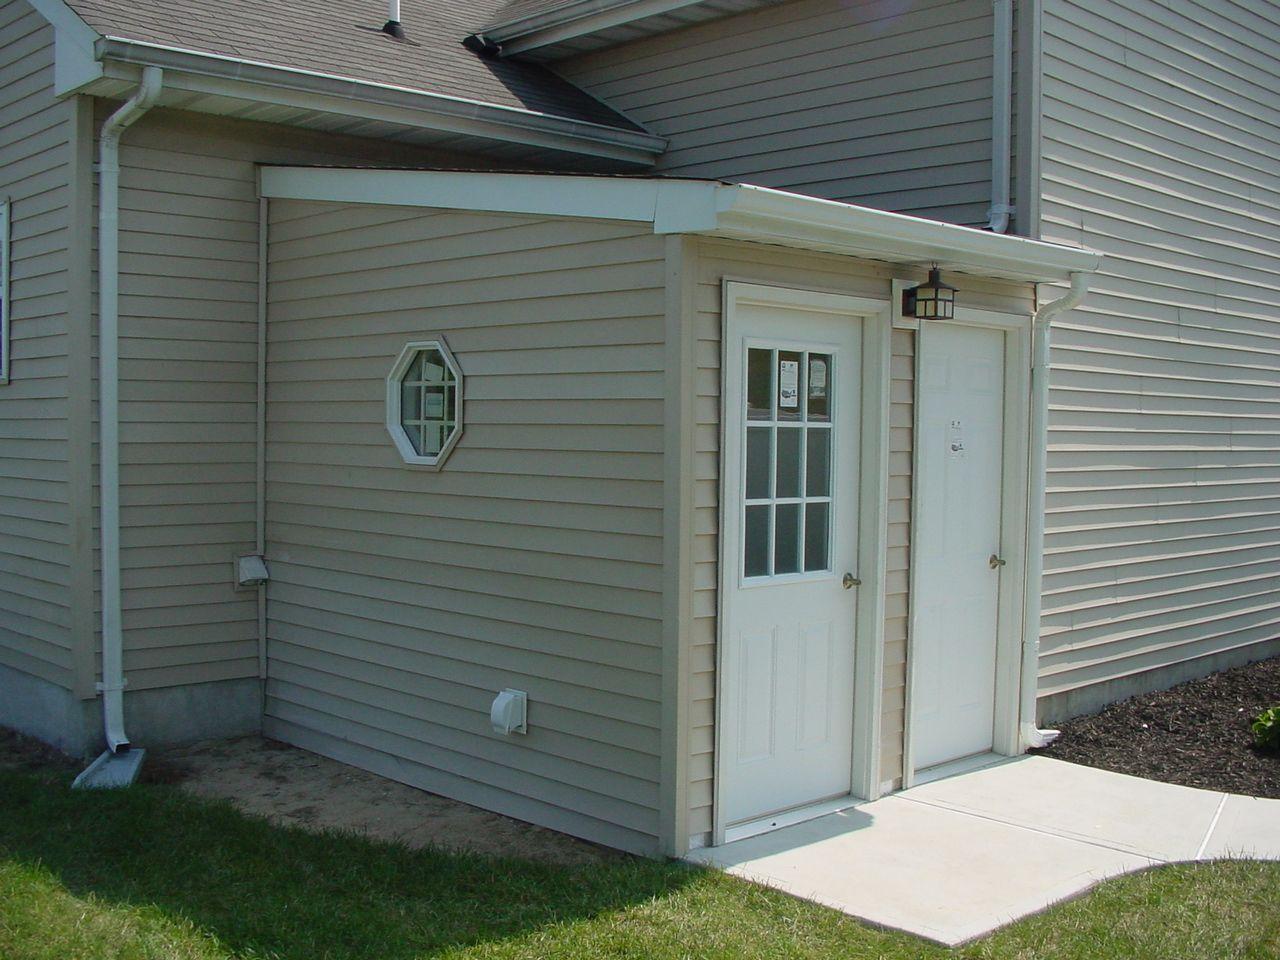 Covered Door instead of bulkhead - basement reno | Garden ...